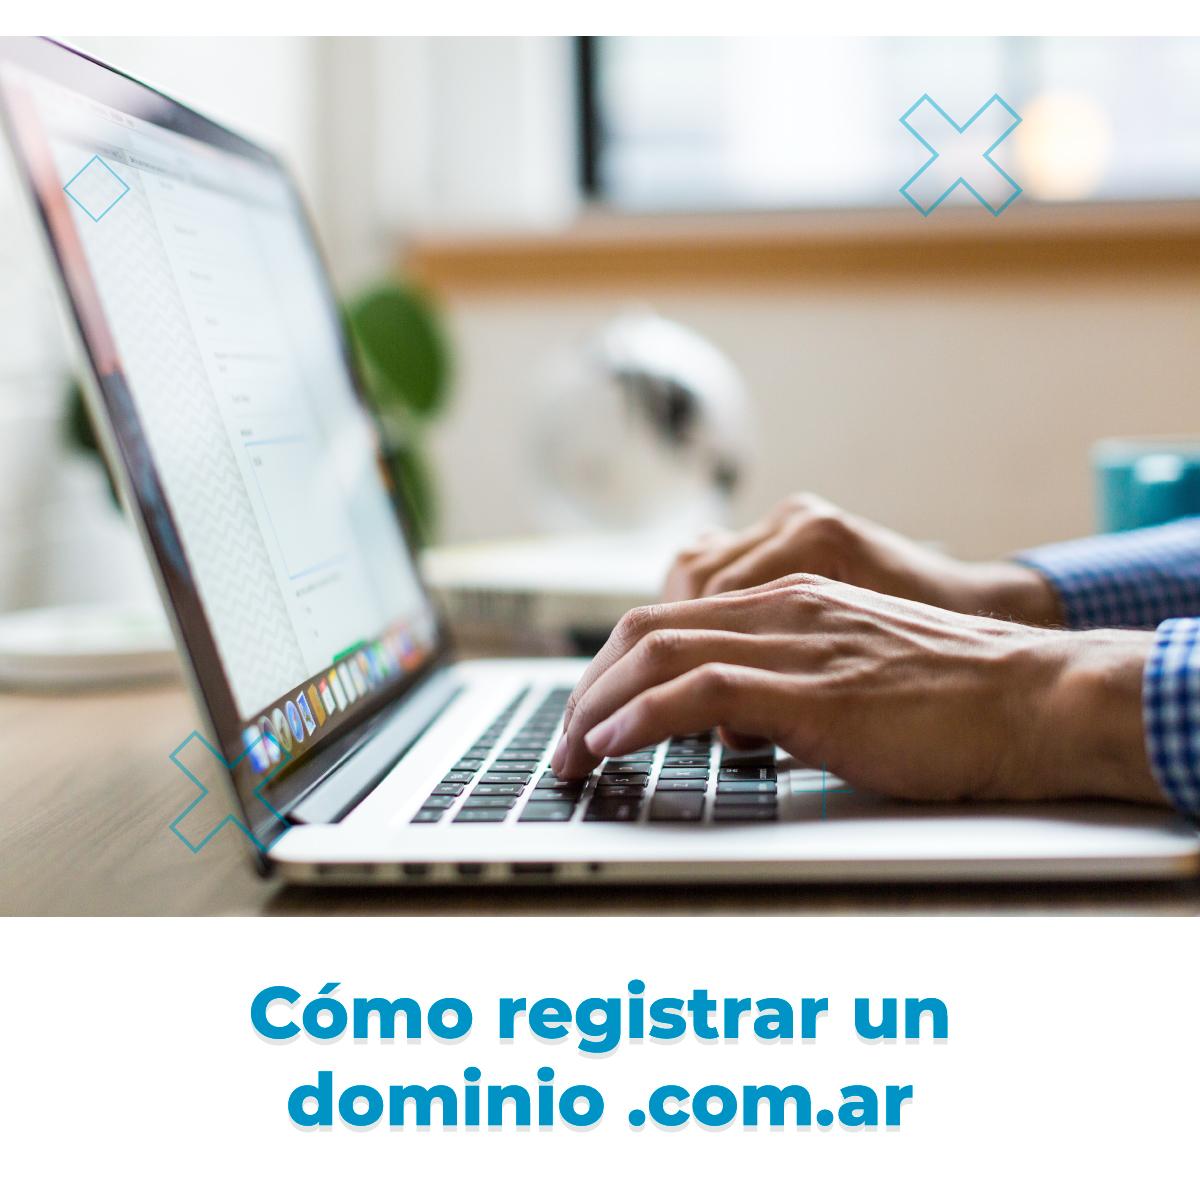 Cómo registrar un dominio .COM.AR